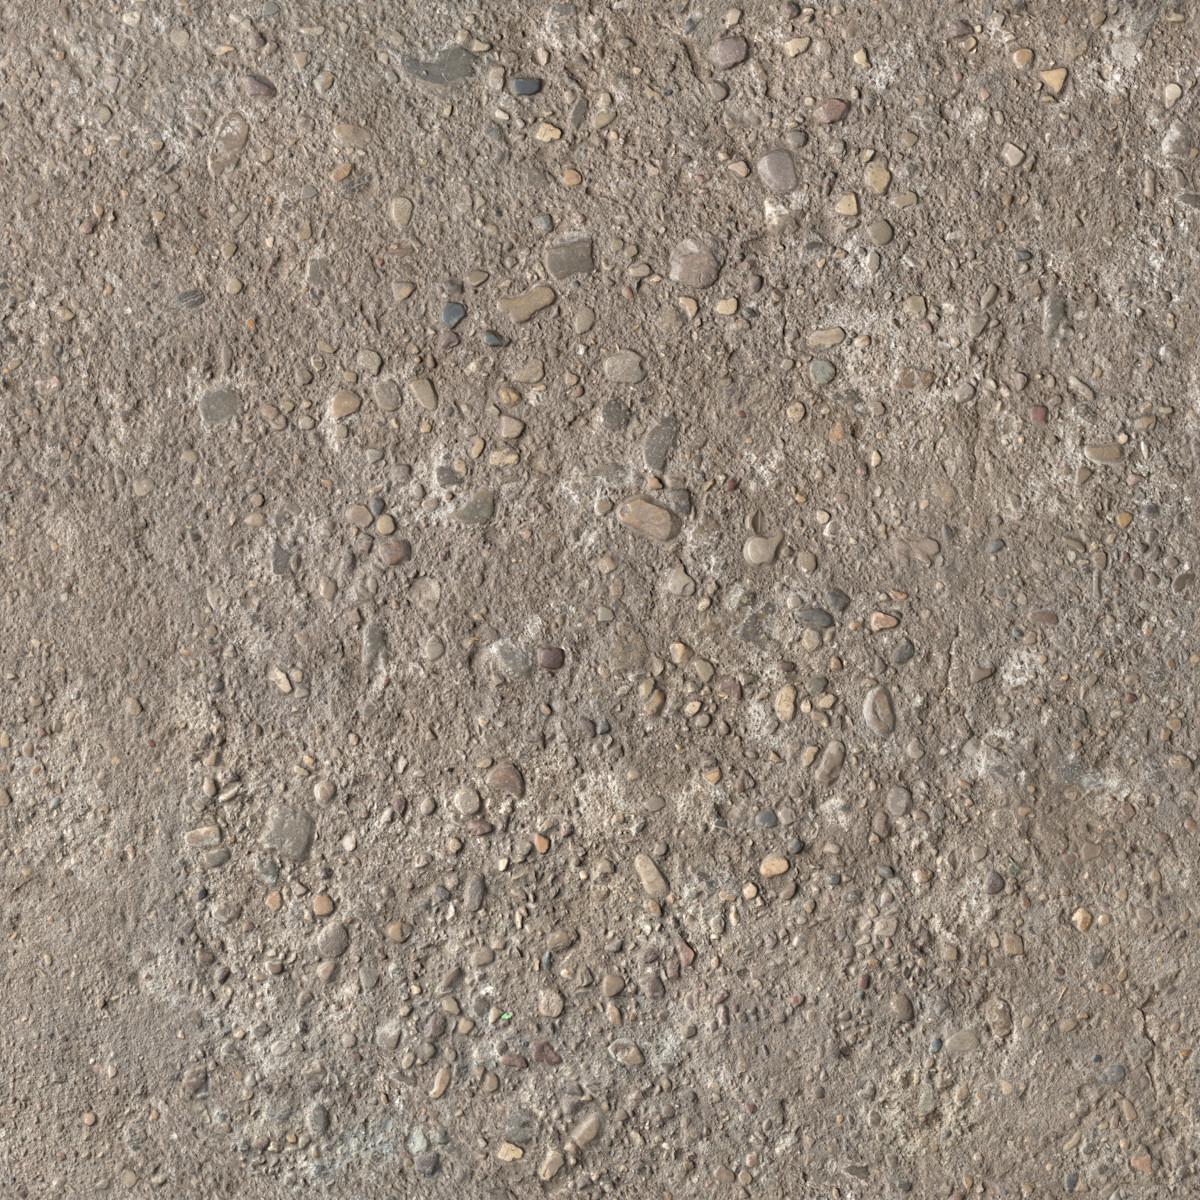 001_Concrete_ground_signature.png